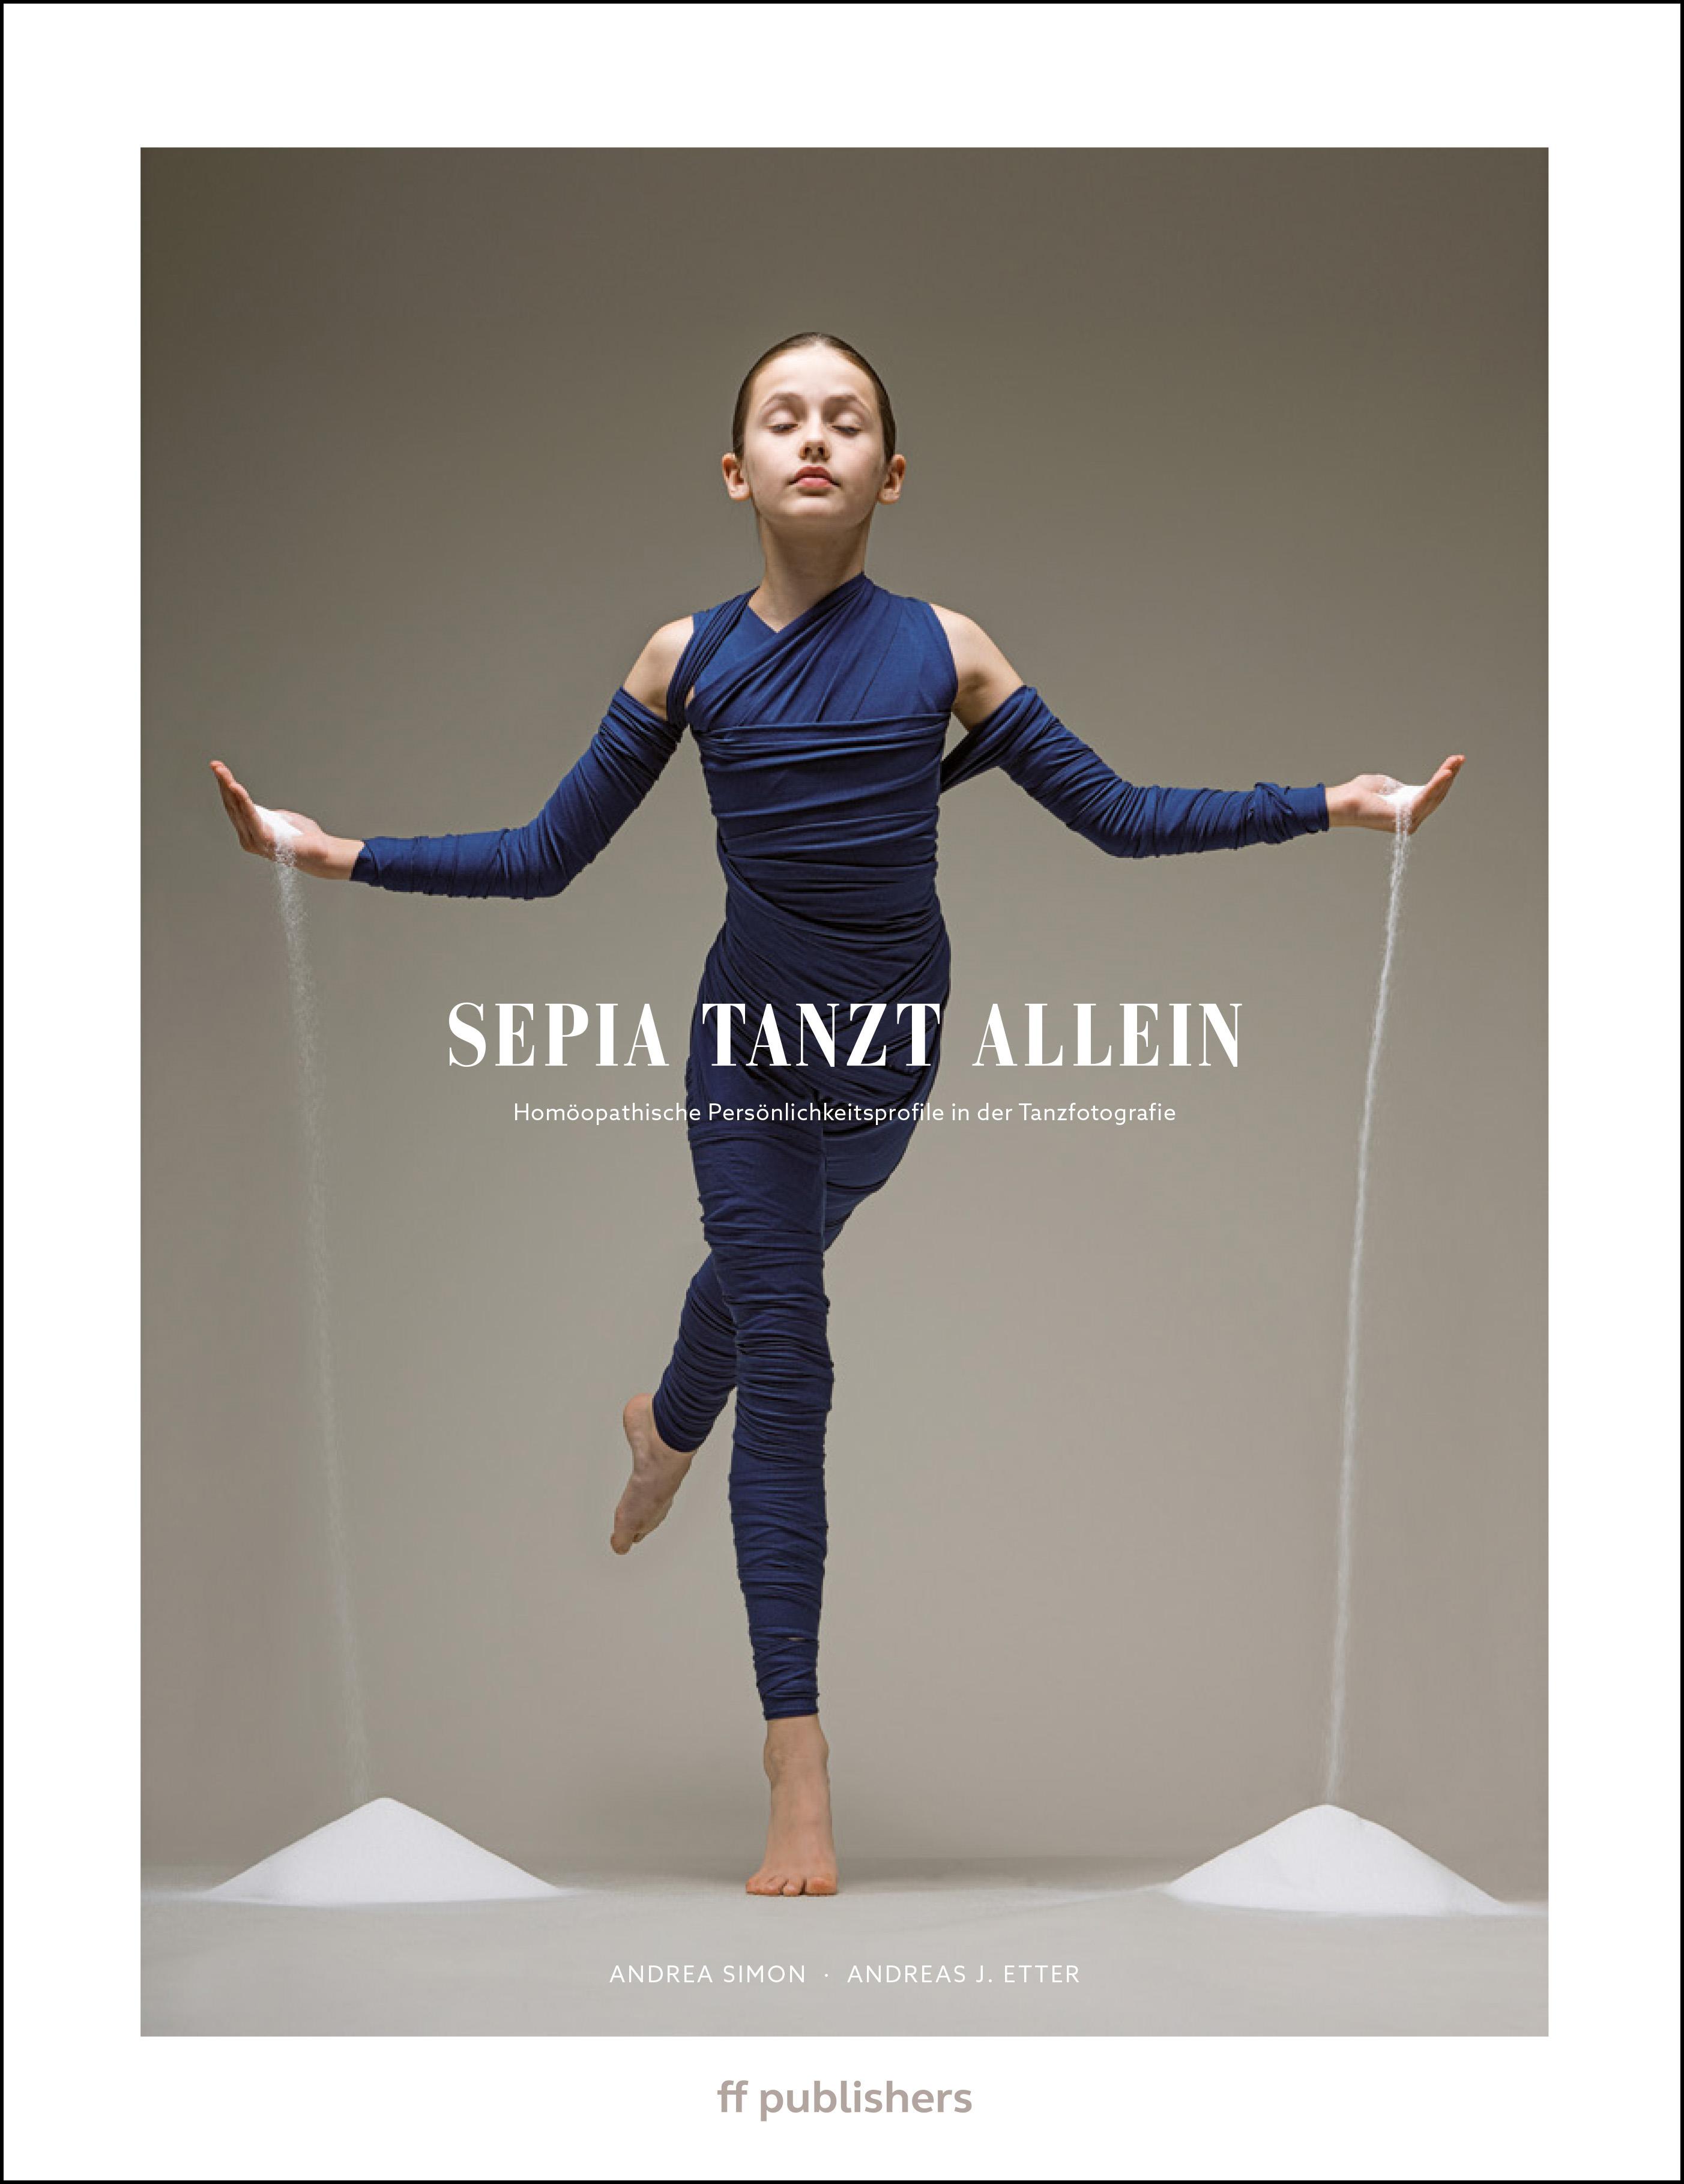 Sepia tanzt allein